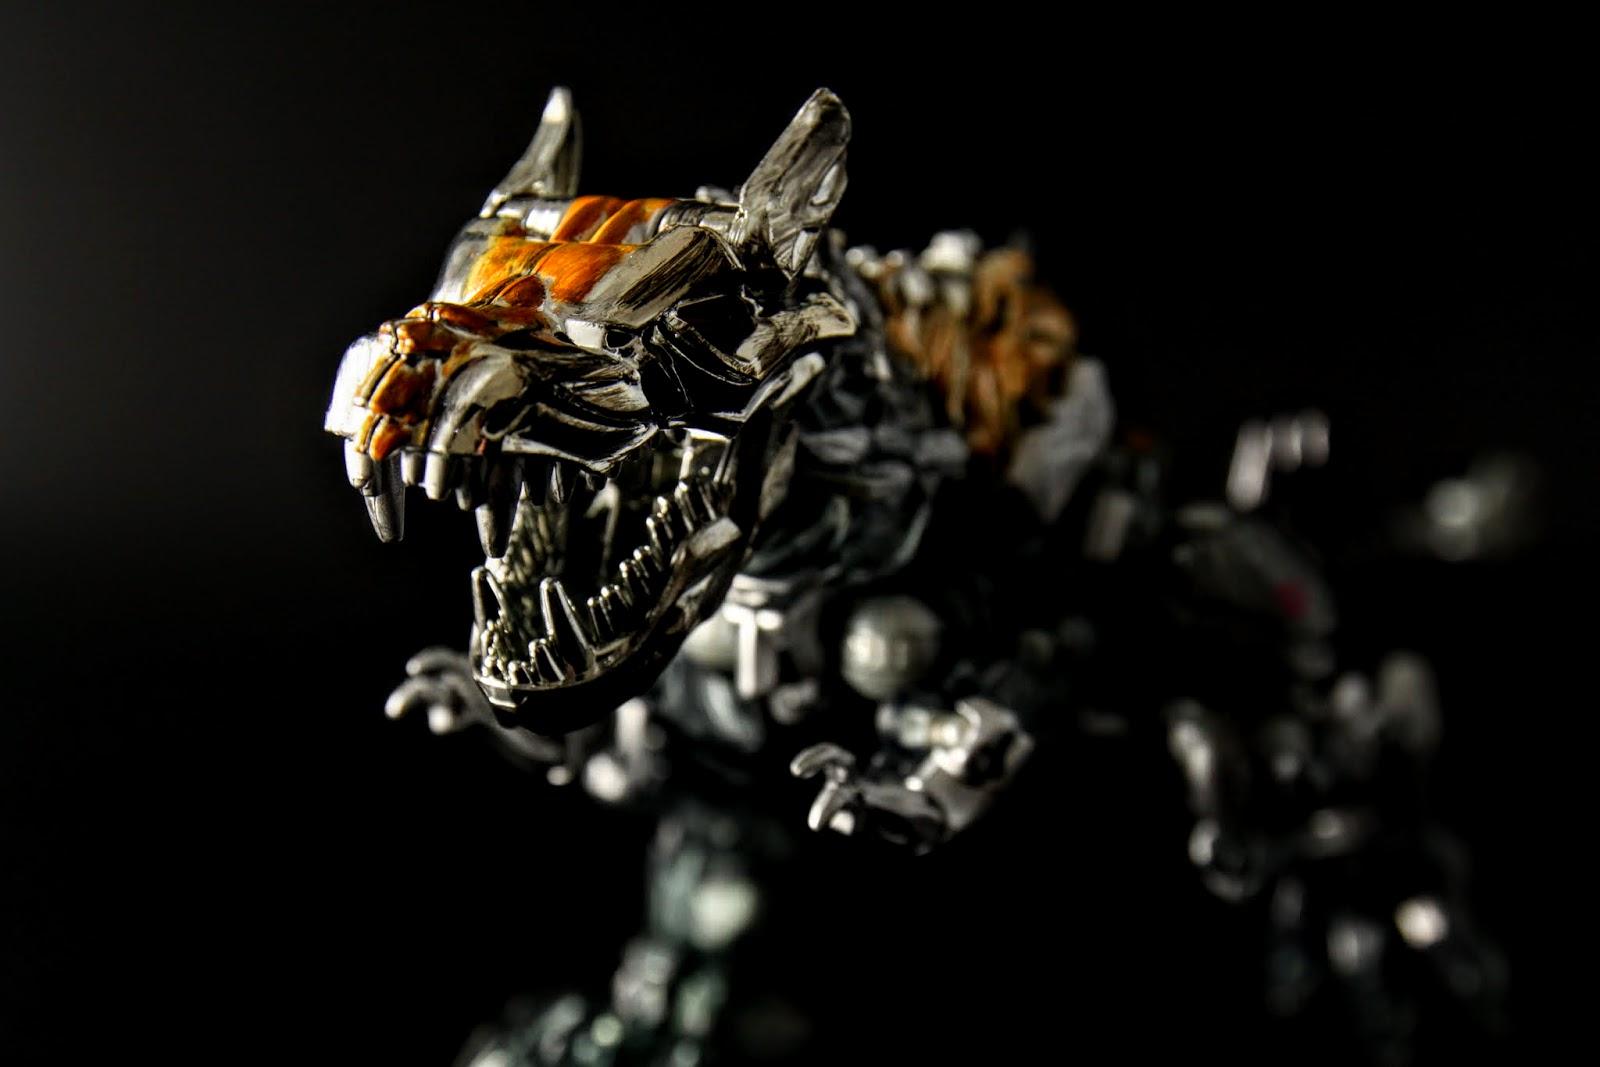 這模本身造型就不錯,真要說缺點就是龍型態若武器沒有裝上去加長尾巴,整個會變得很短肥